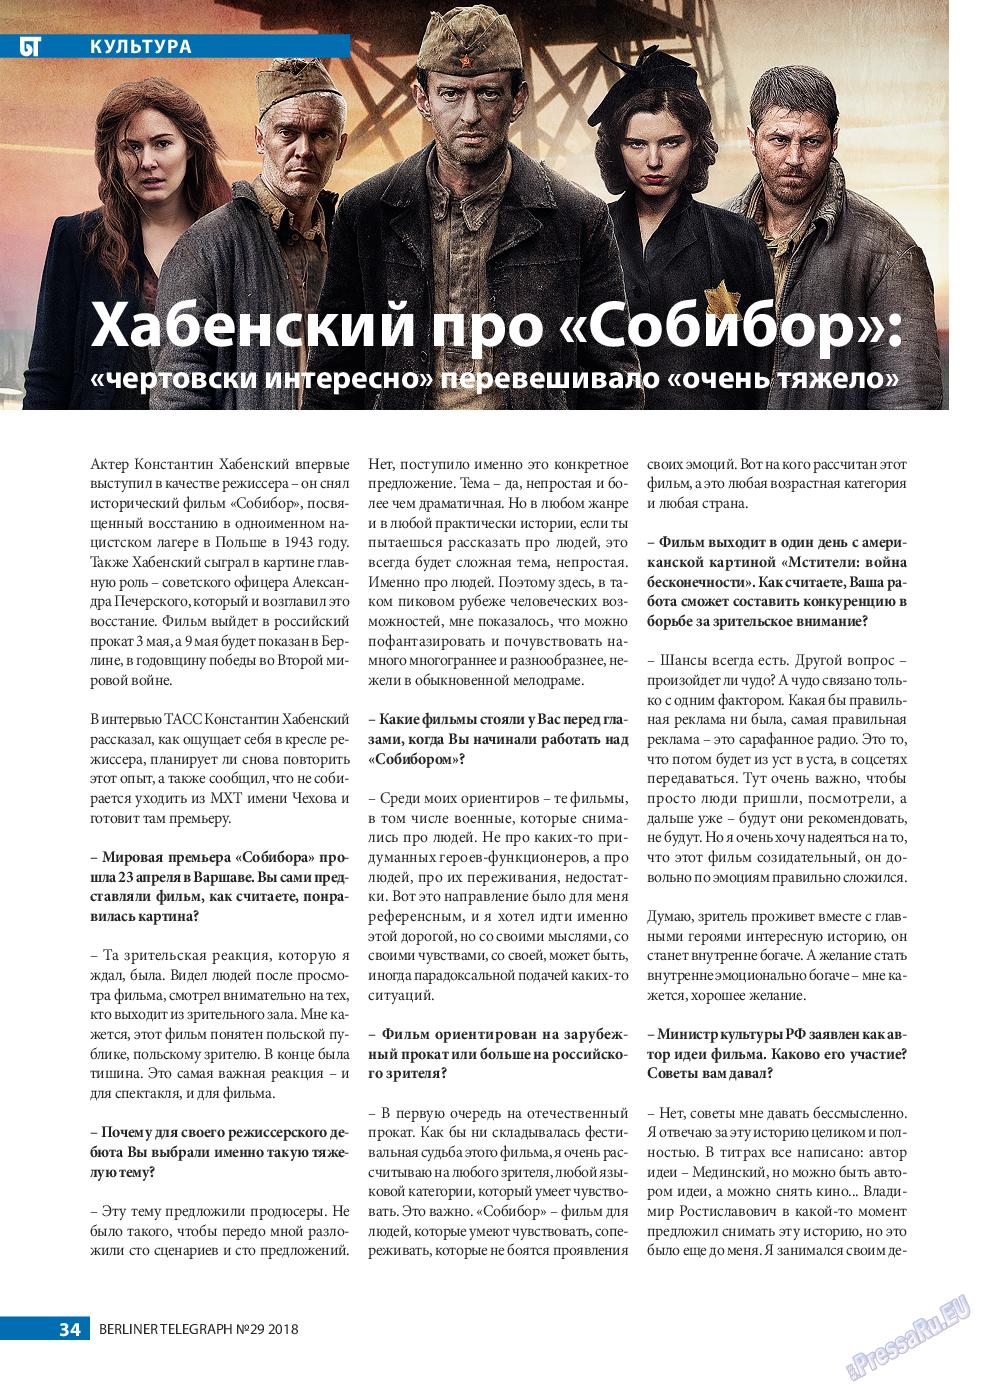 Берлинский телеграф (журнал). 2018 год, номер 29, стр. 34